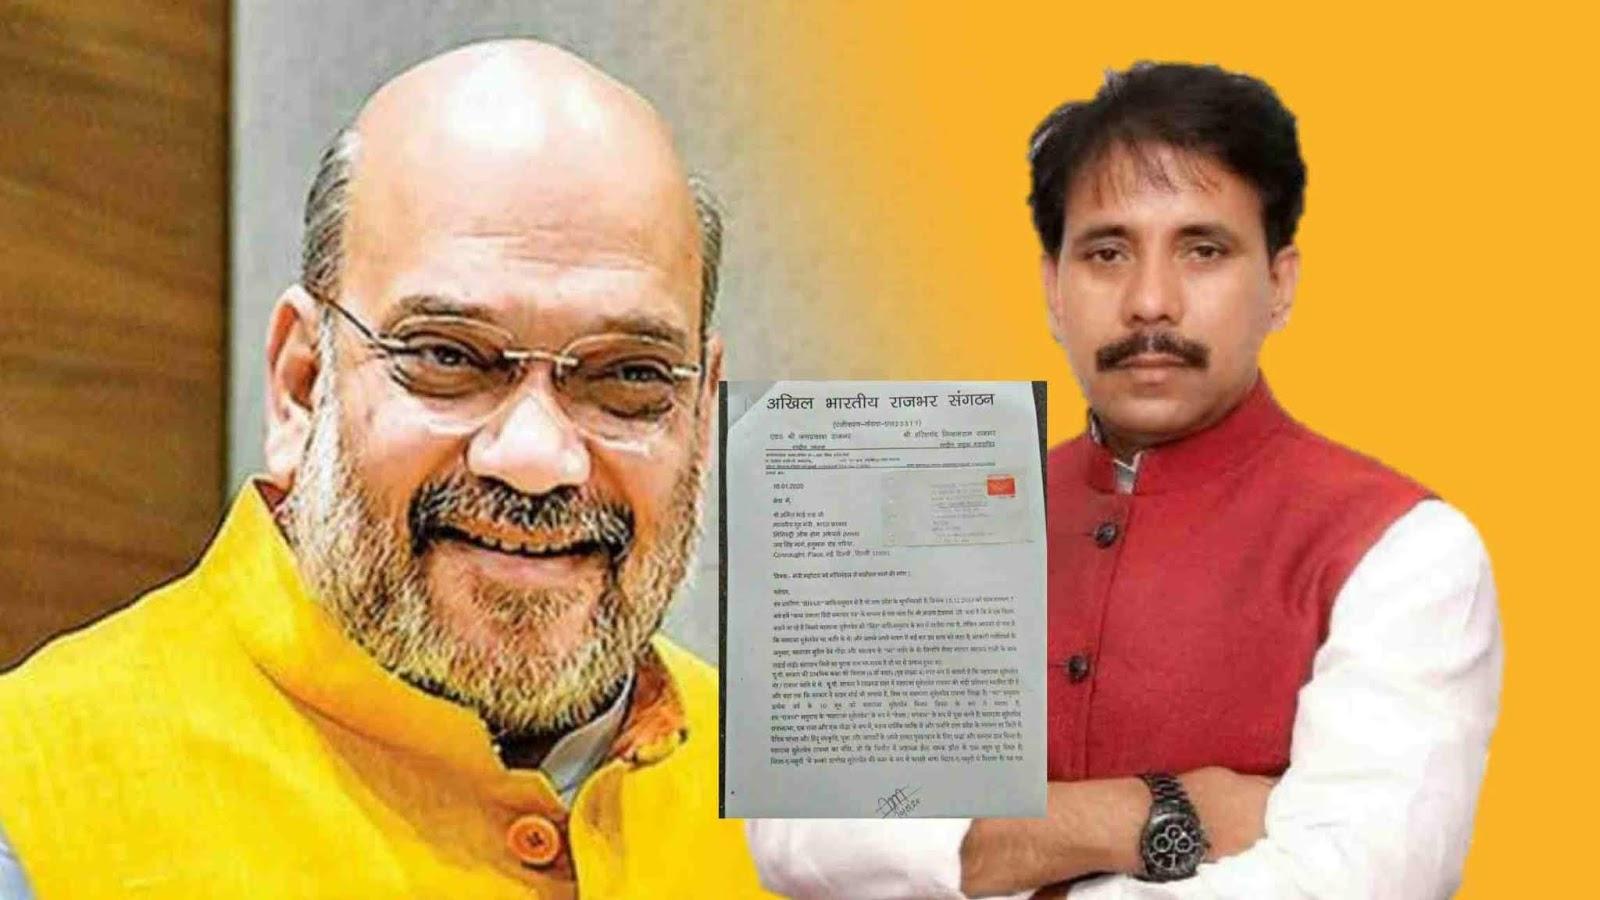 Anil%2BRajbhar%2Bsuspended राजभर समाज द्वारा कैबिनेट मंत्री अनिल राजभर को मंत्रीमंडल से बर्खास्त करने की मांग